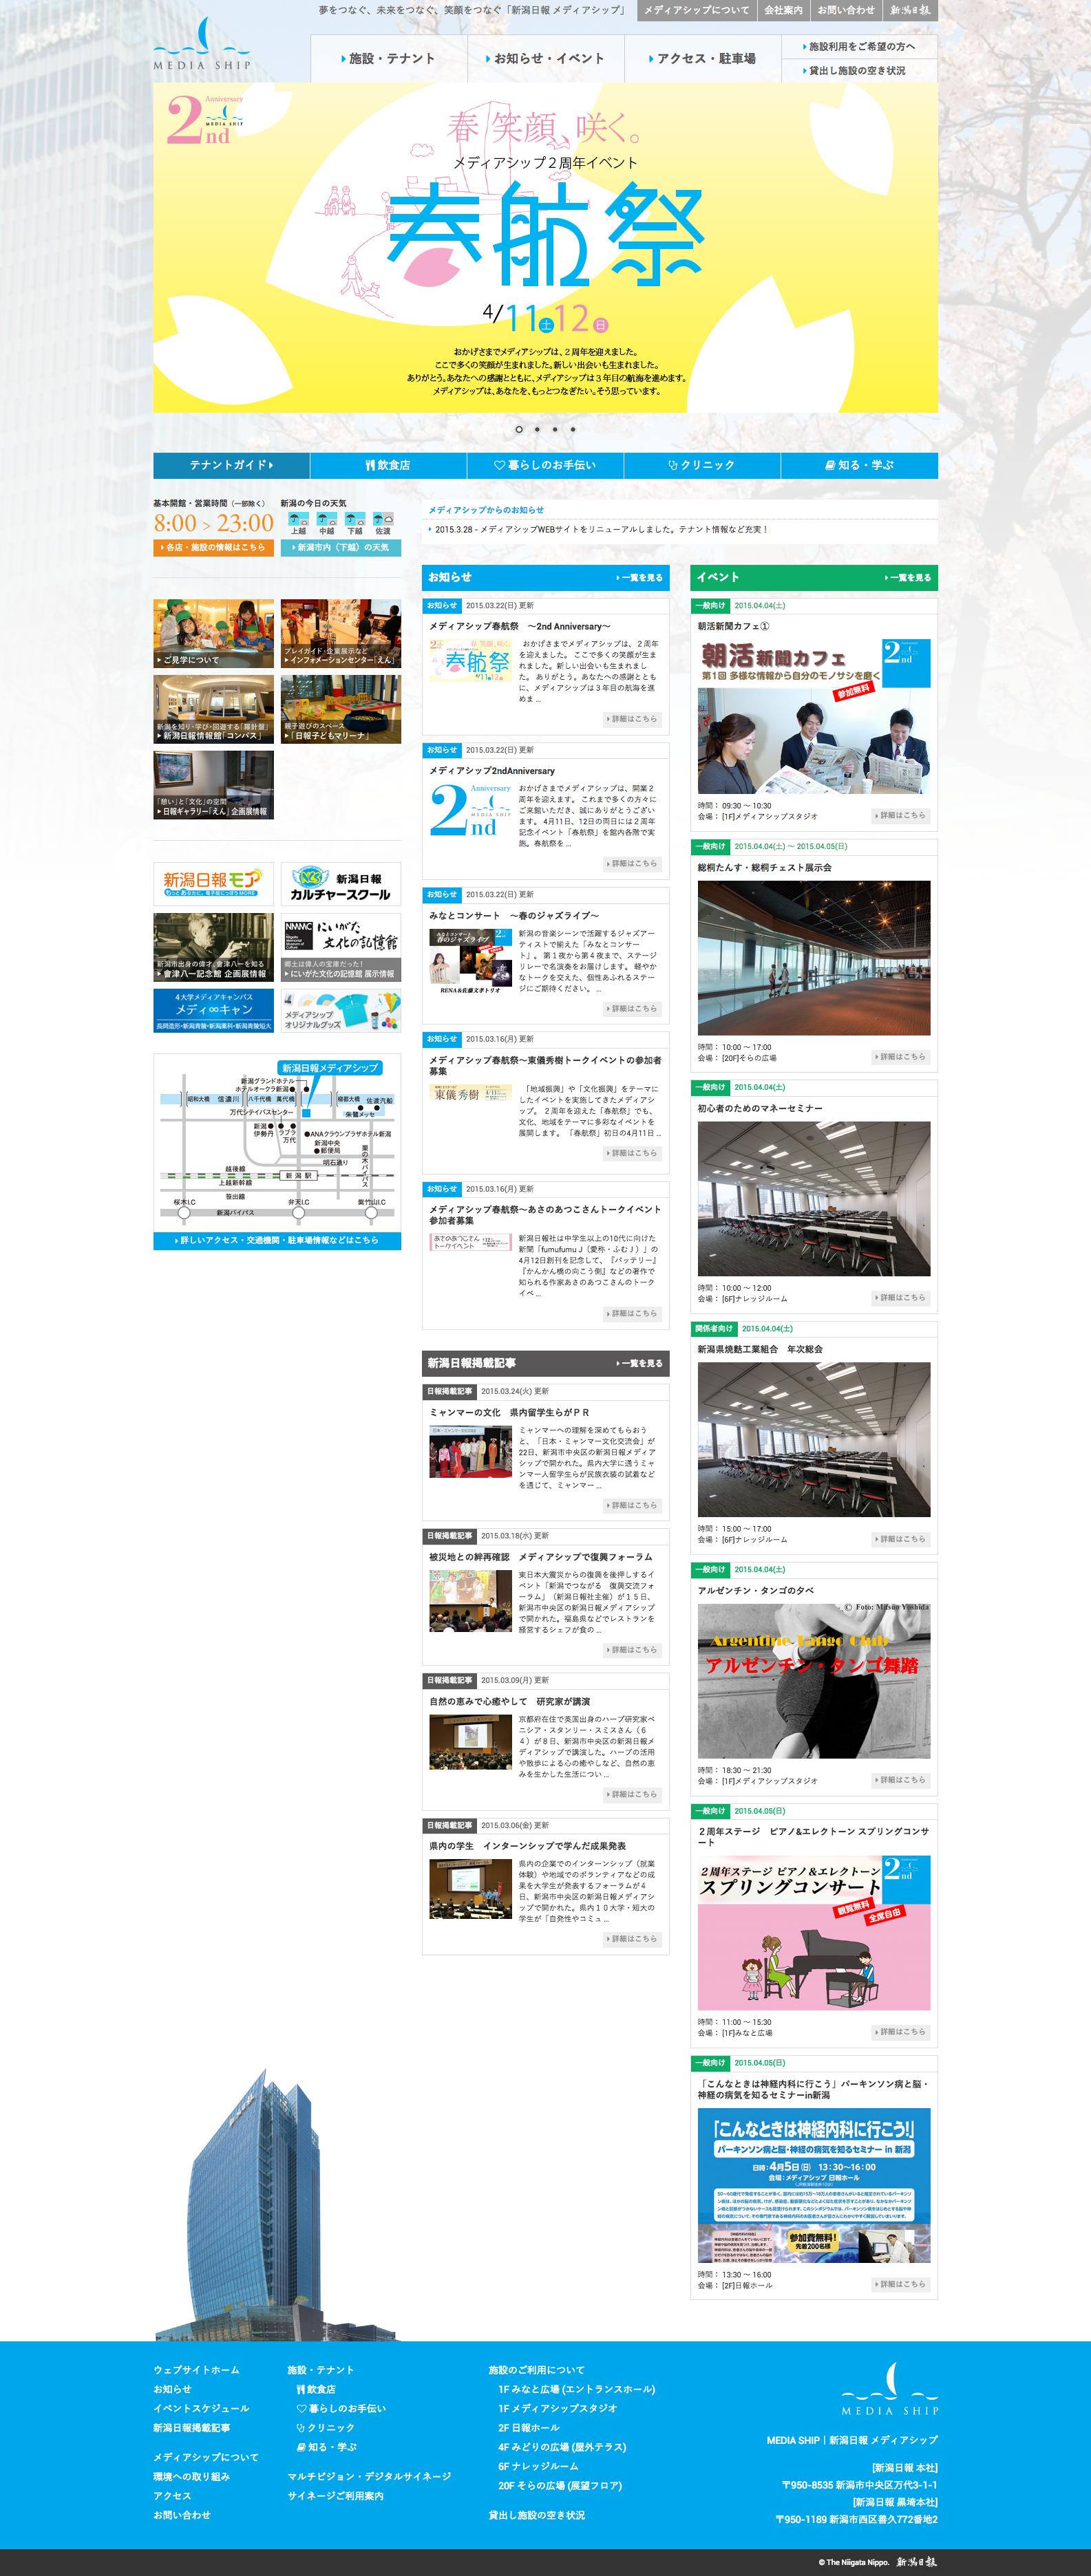 新潟日報 メディアシップ ウェブサイト 2周年リニューアル